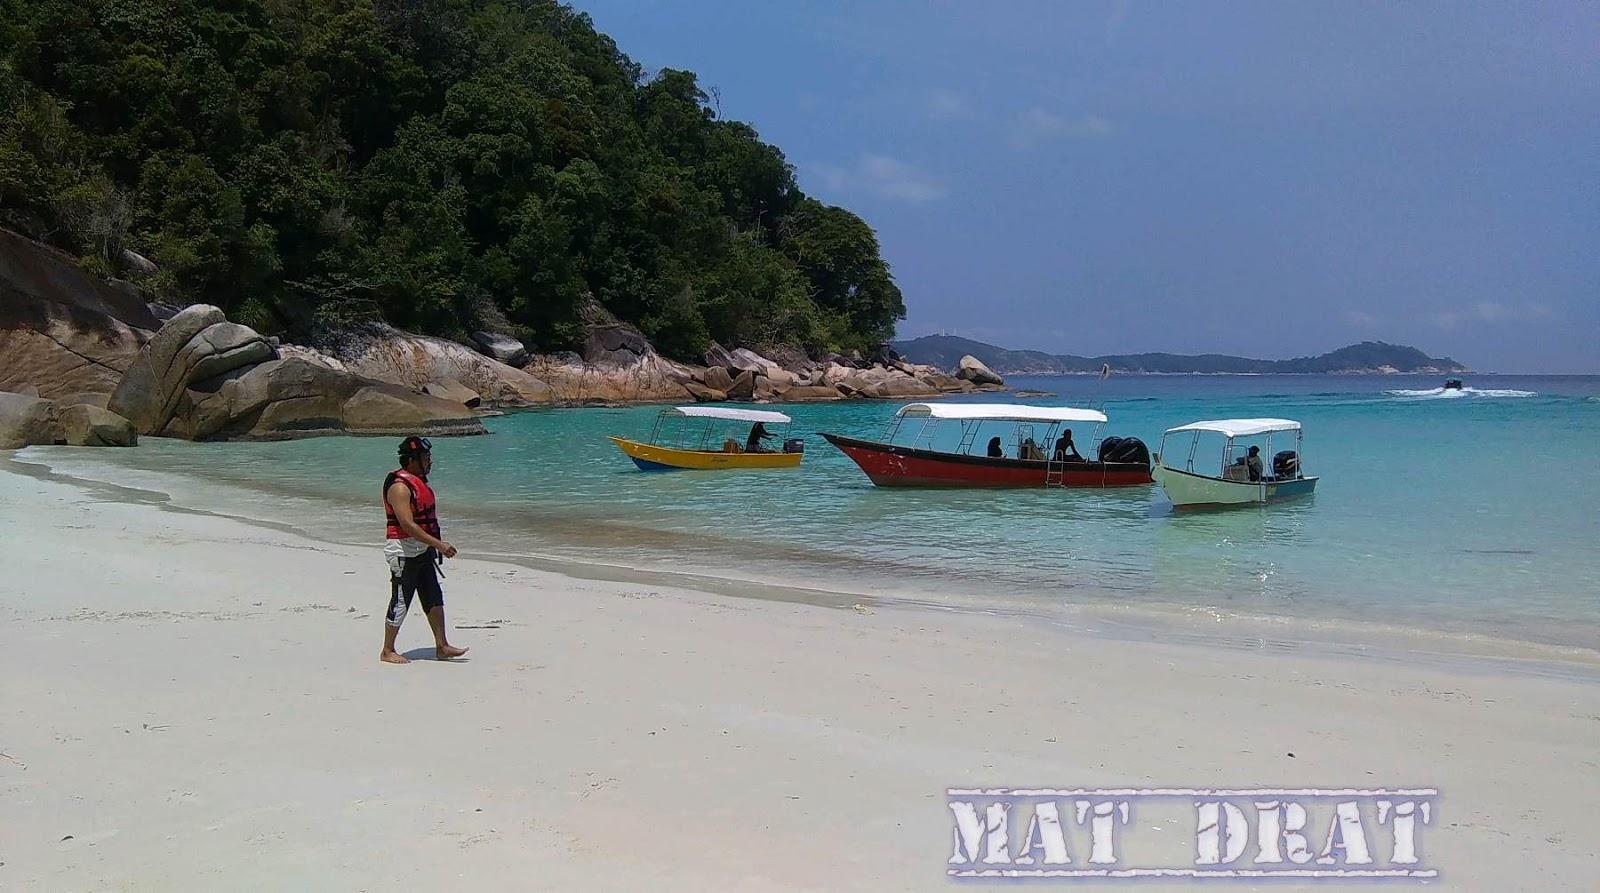 Mat Drat Percutian Ke Pulau Perhentian Tips Dan Panduan Bercuti 2020 Update